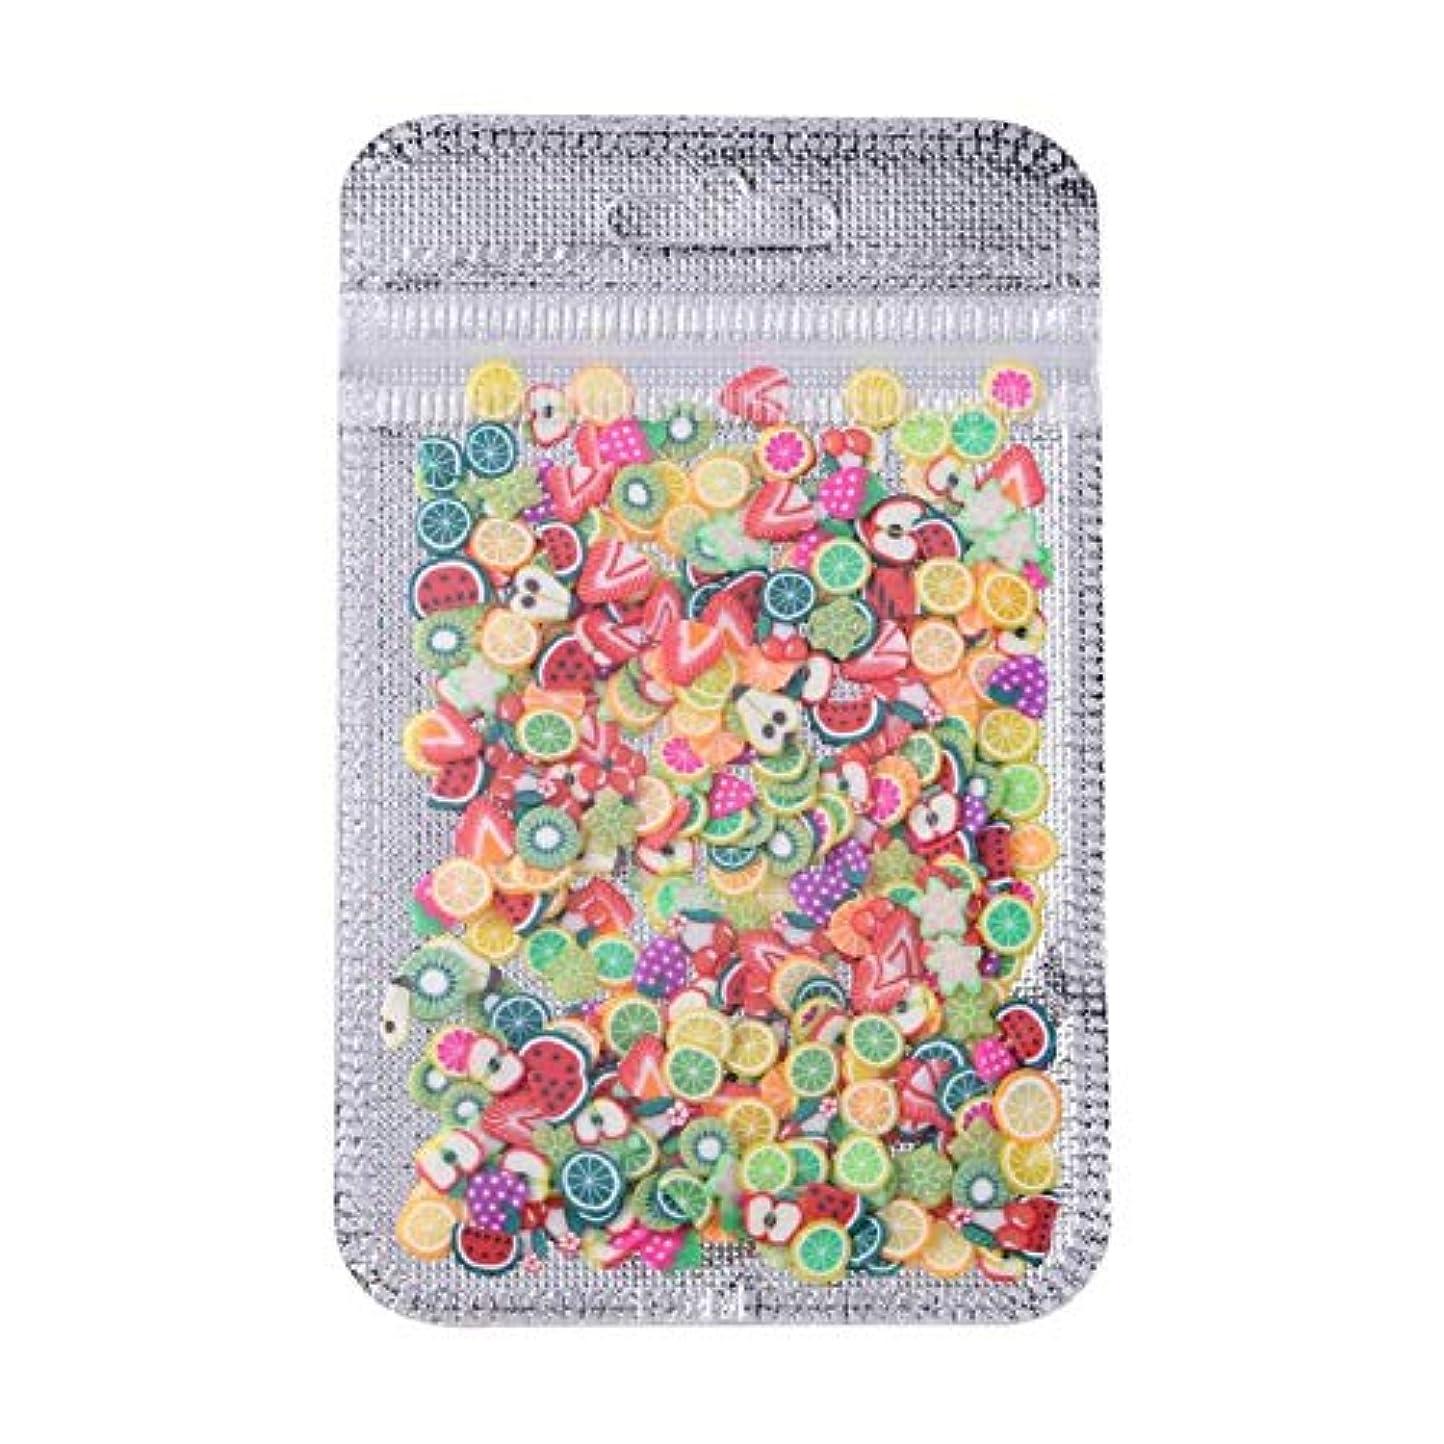 学習生活ヘビーネイルヒントインテリアネイルアートポリマー粘土装飾ヒントサロンデカールパッチ,Fruit